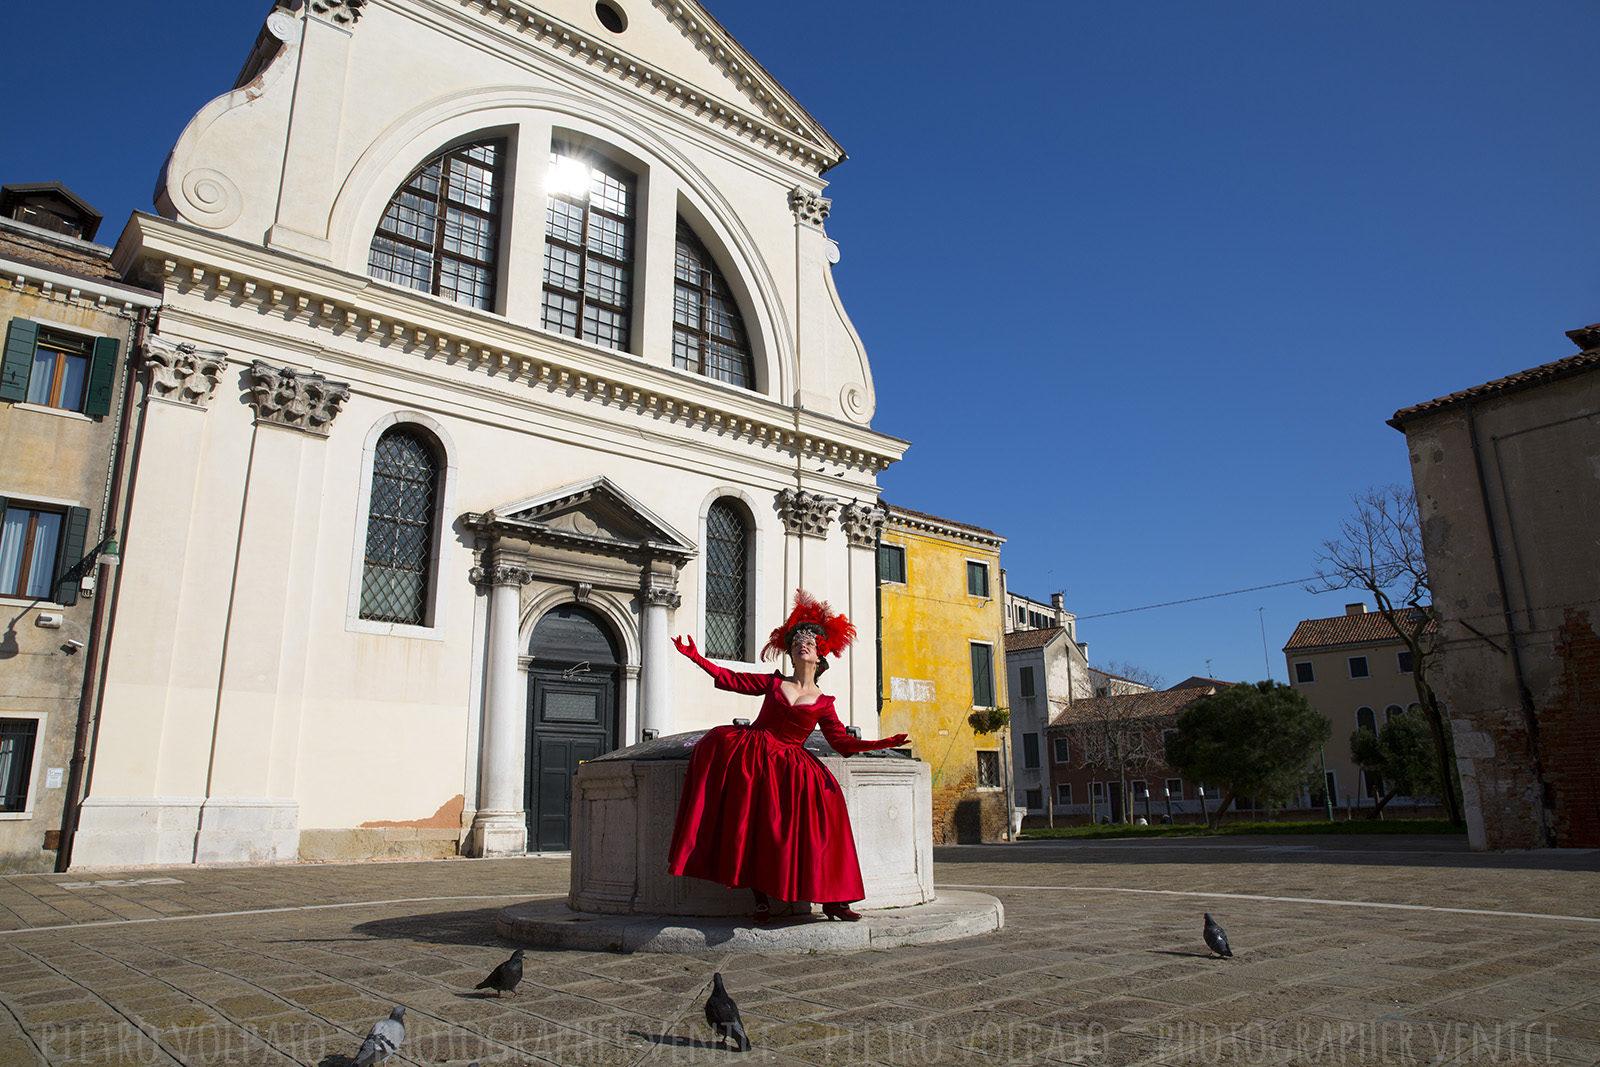 fotografo a venezia per servizio fotografico vacanza